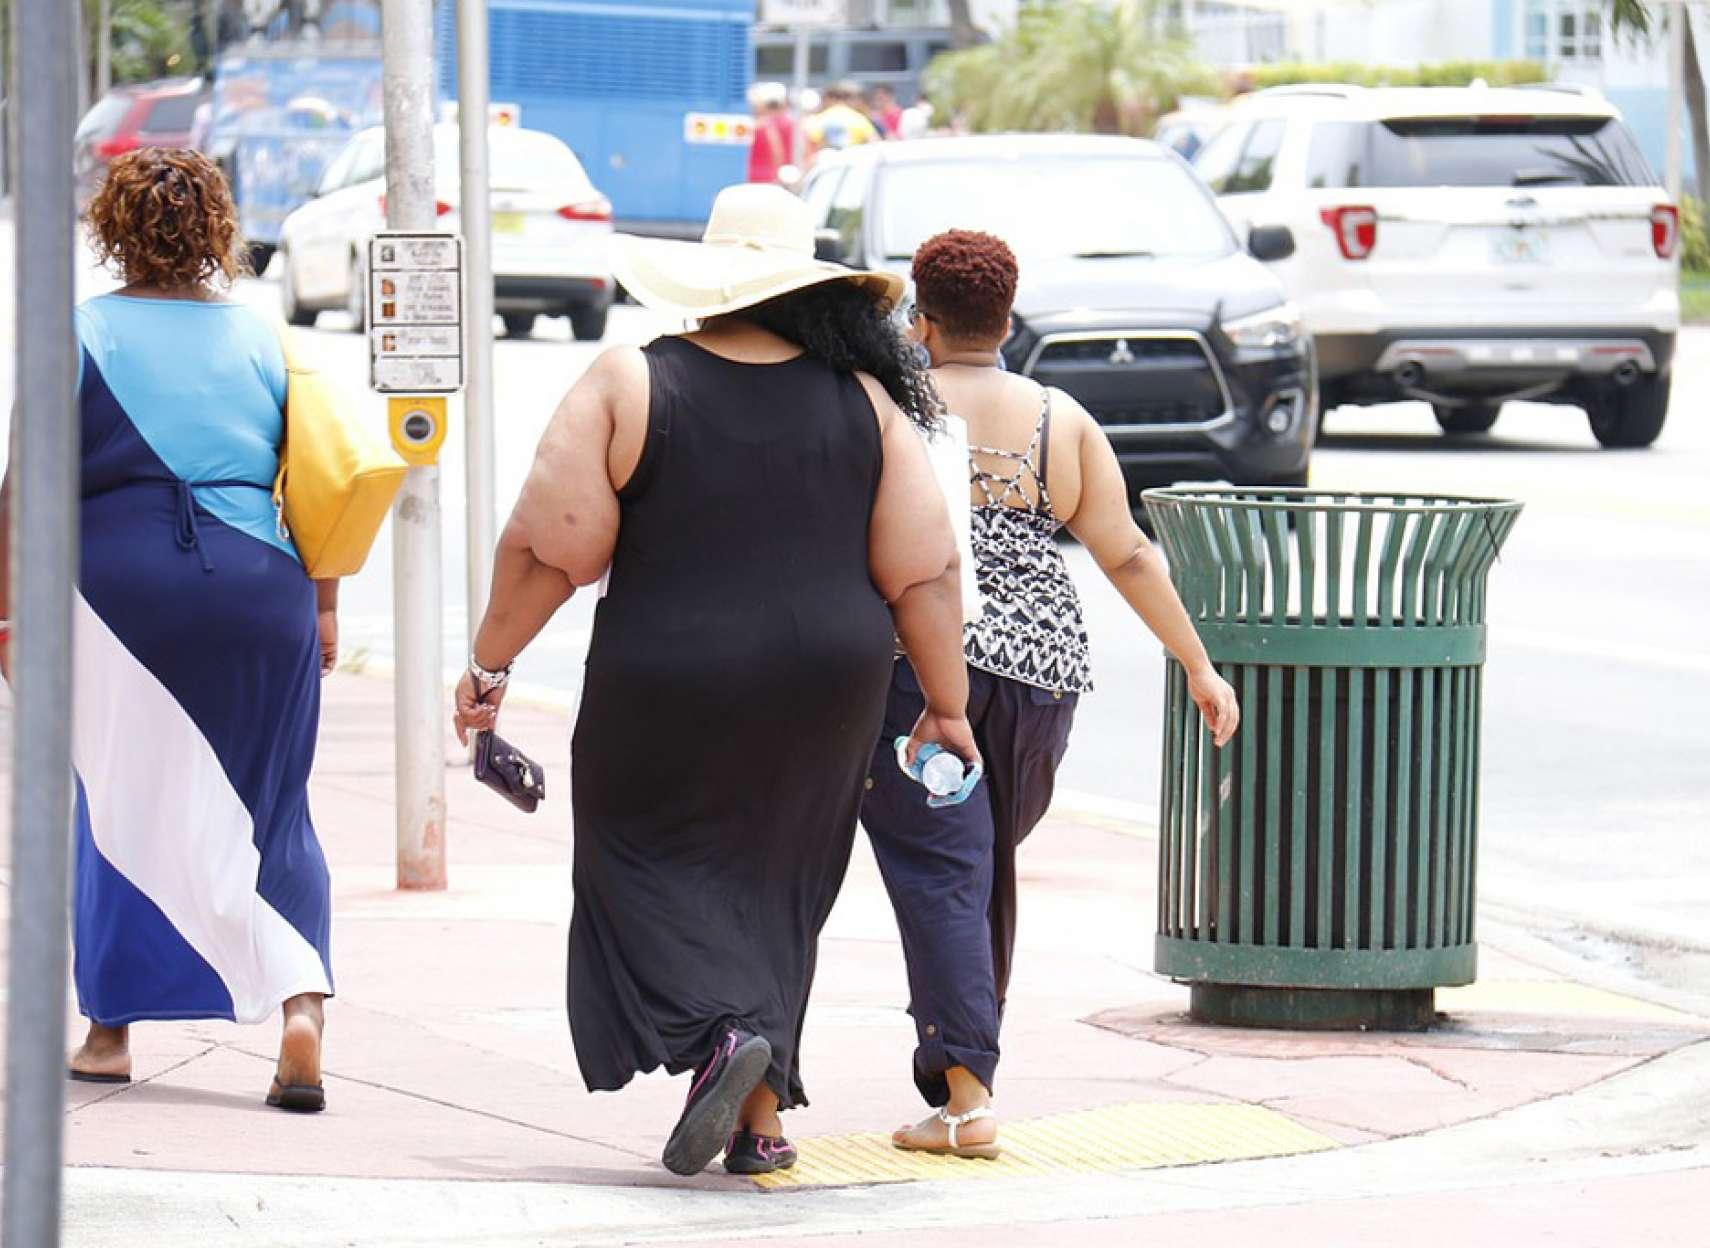 طبیعی-درمانی-کاظمی-چطور-بفهمیم-چاق-هستیم